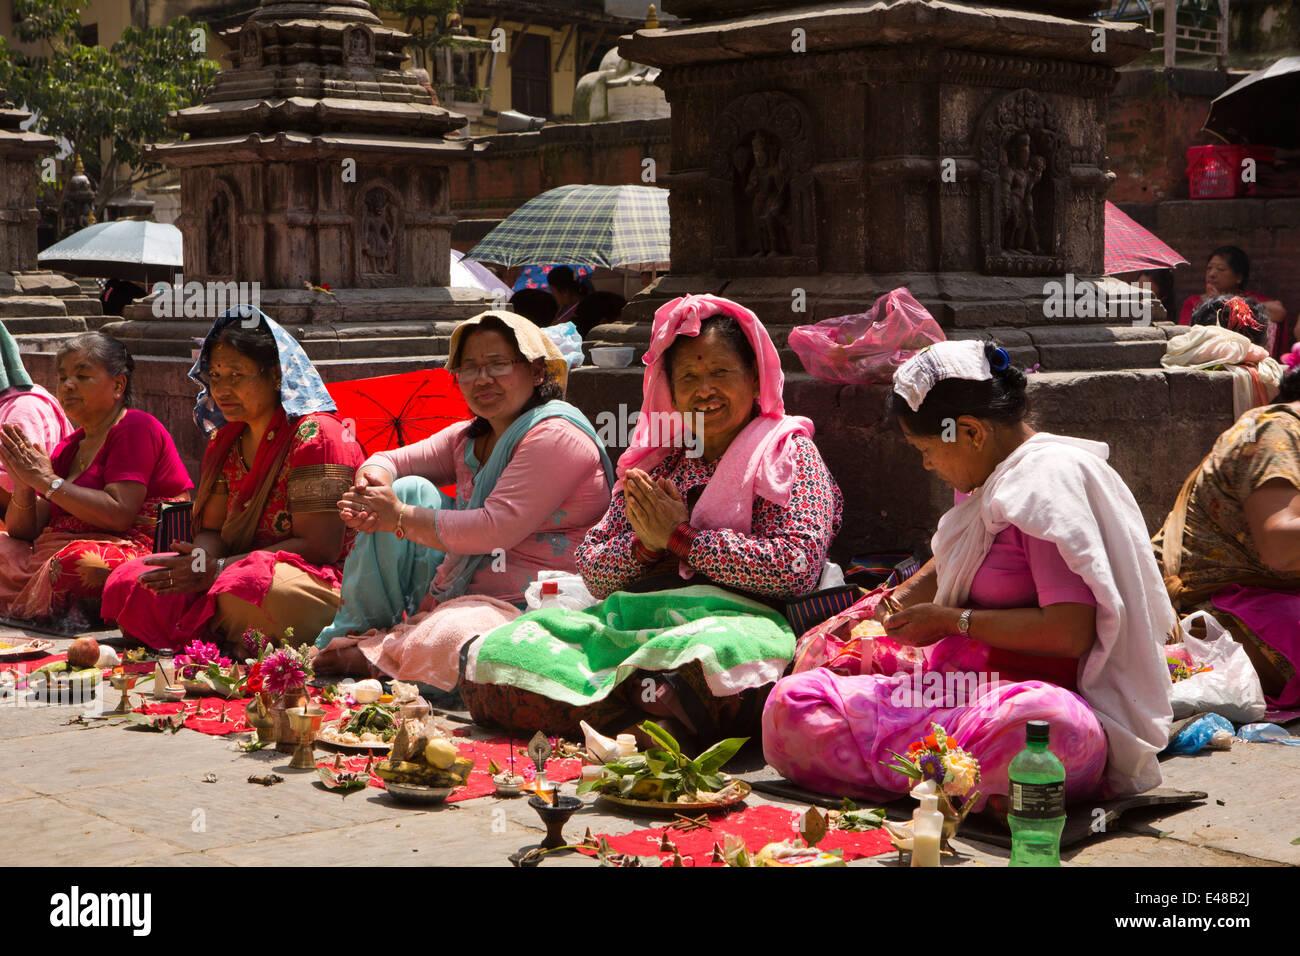 Nepal, Kathmandu, Kathesimbhu Stupa,Tibetan women undertaking ritual Buddhist puja - Stock Image